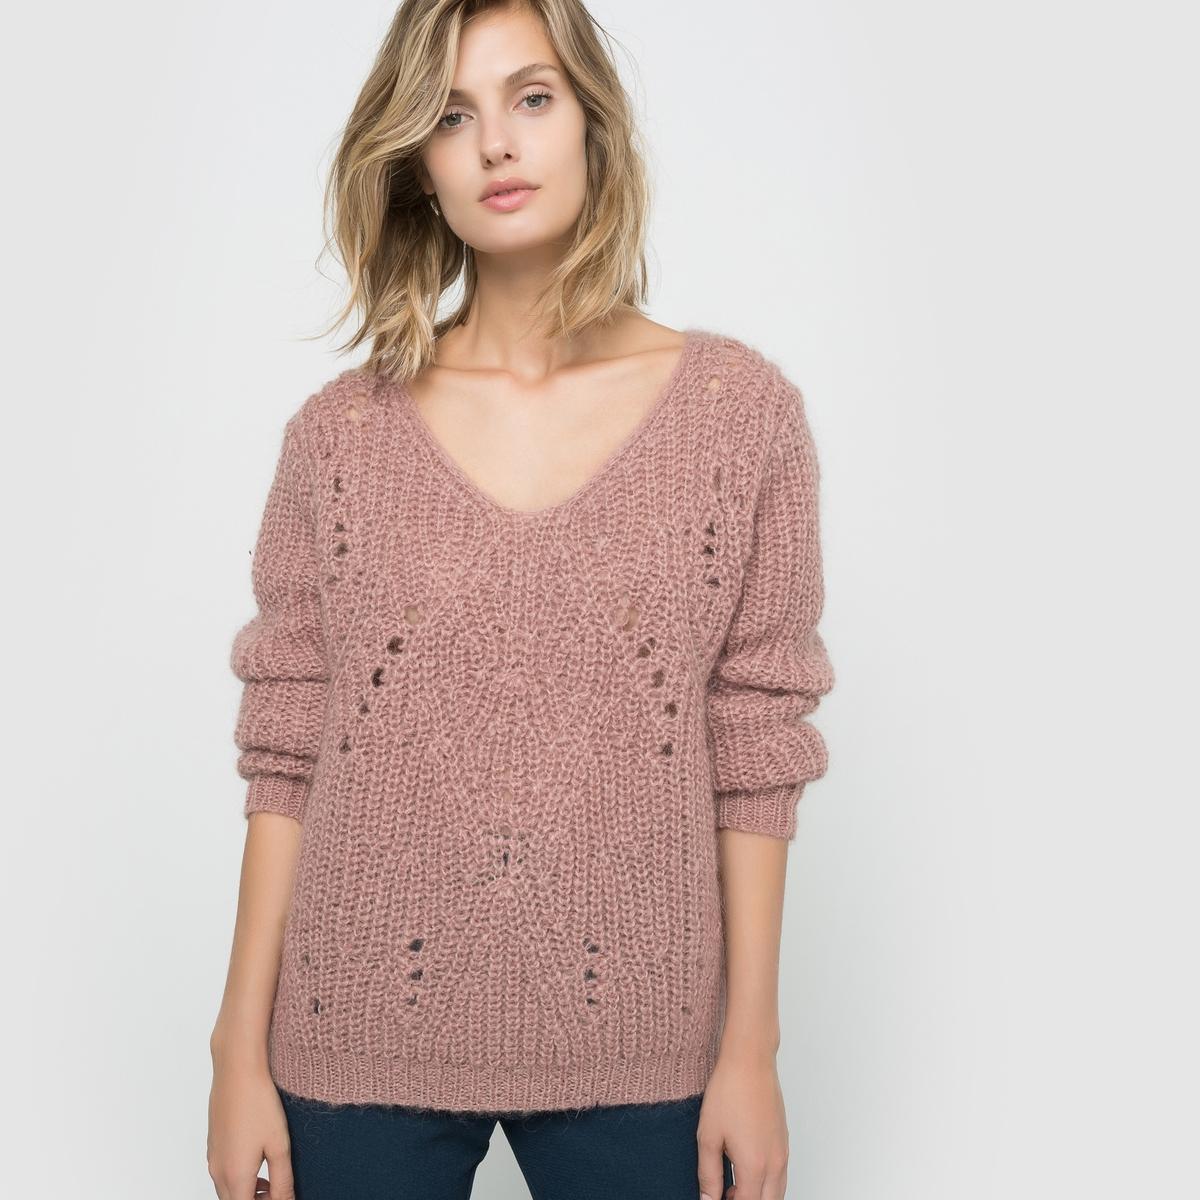 Фото - Пуловер с V-образным воротником пуловер из вязаного трикотажа с v образным воротником